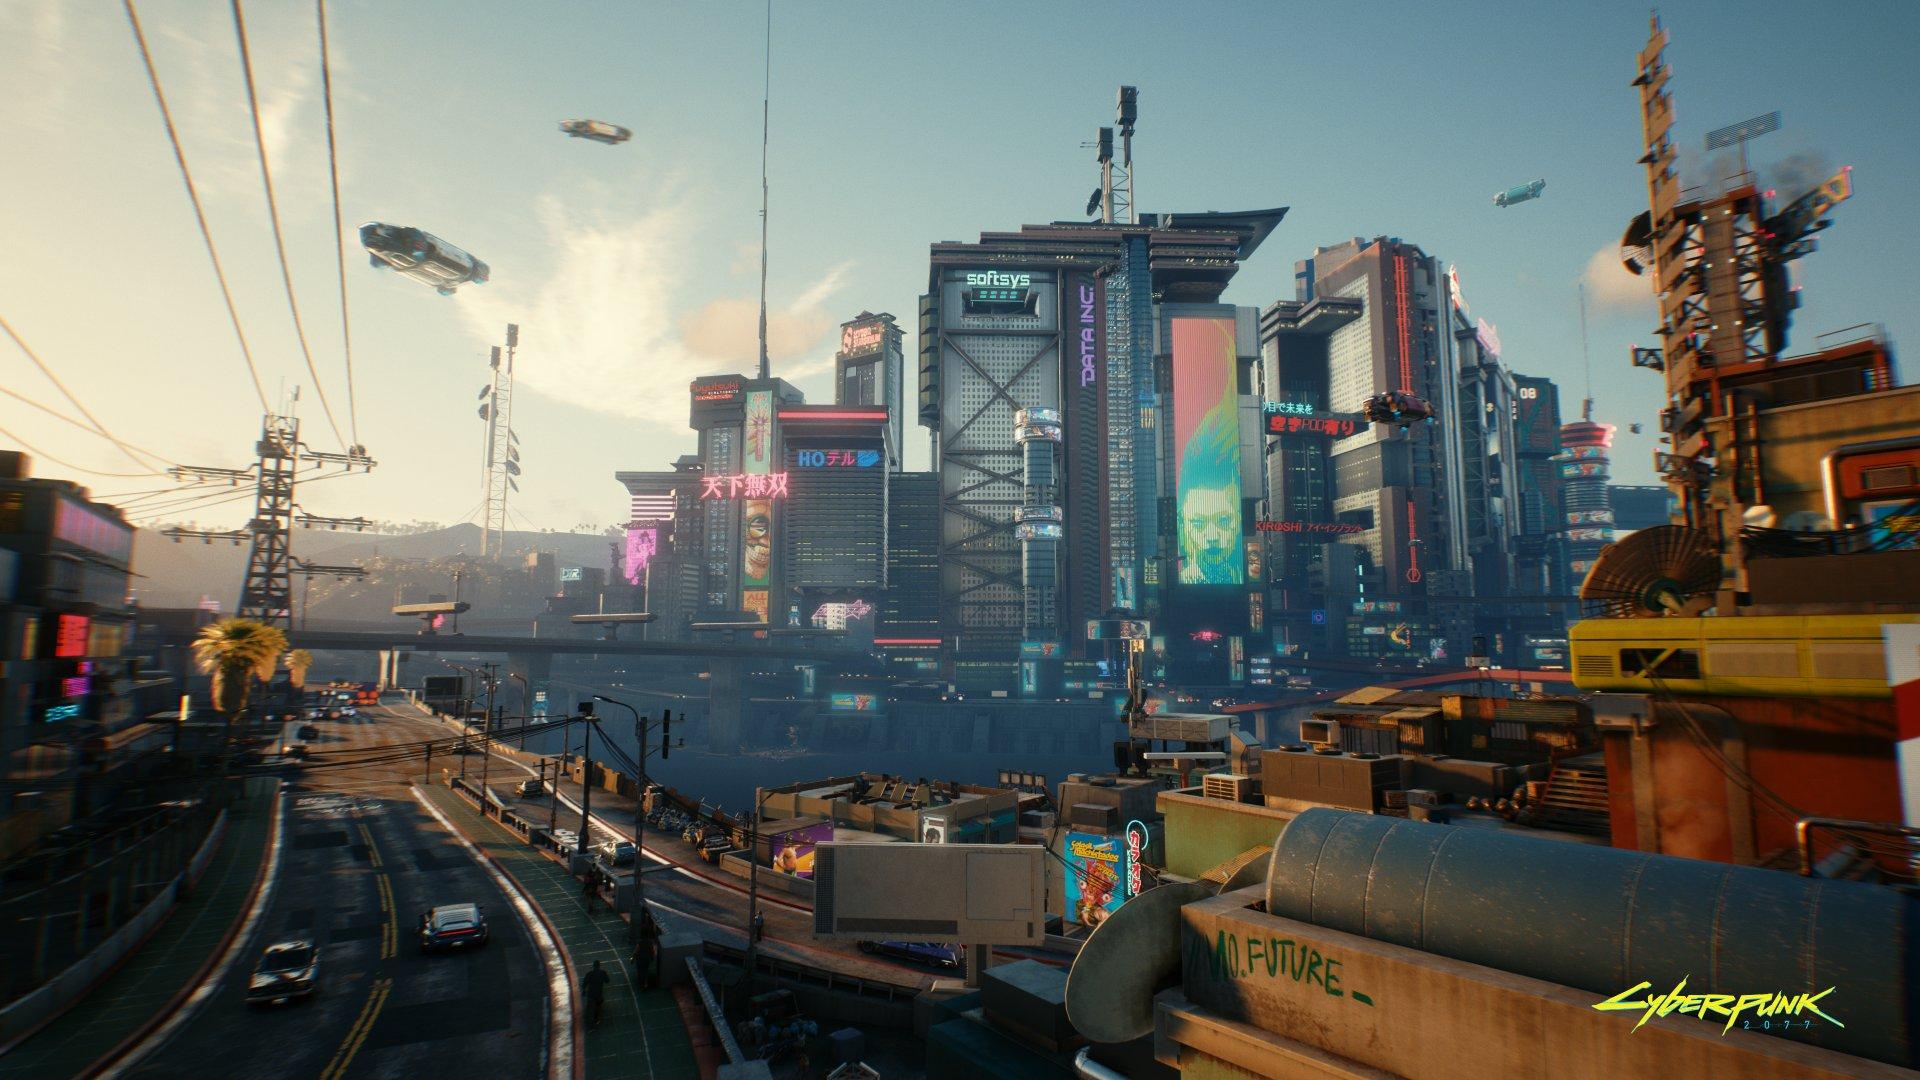 Quand Cyberpunk 2077 a-t-il commencé le développement?